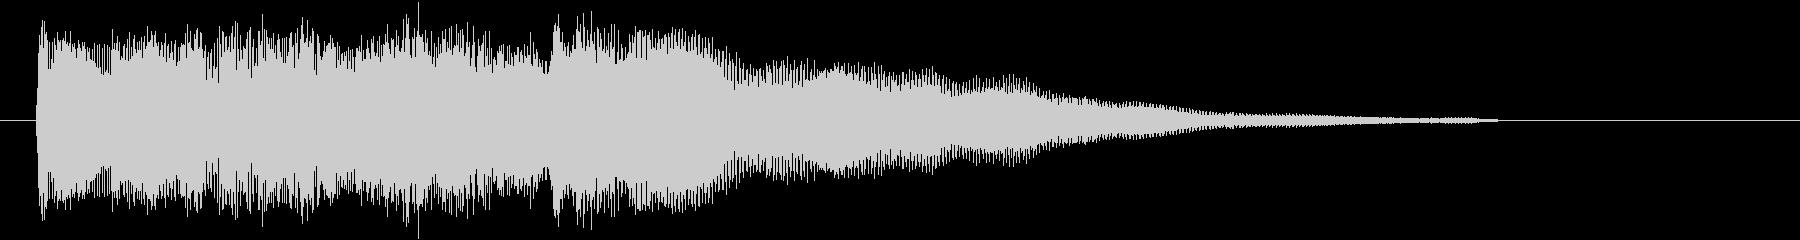 ベルのみのアイキャッチの未再生の波形